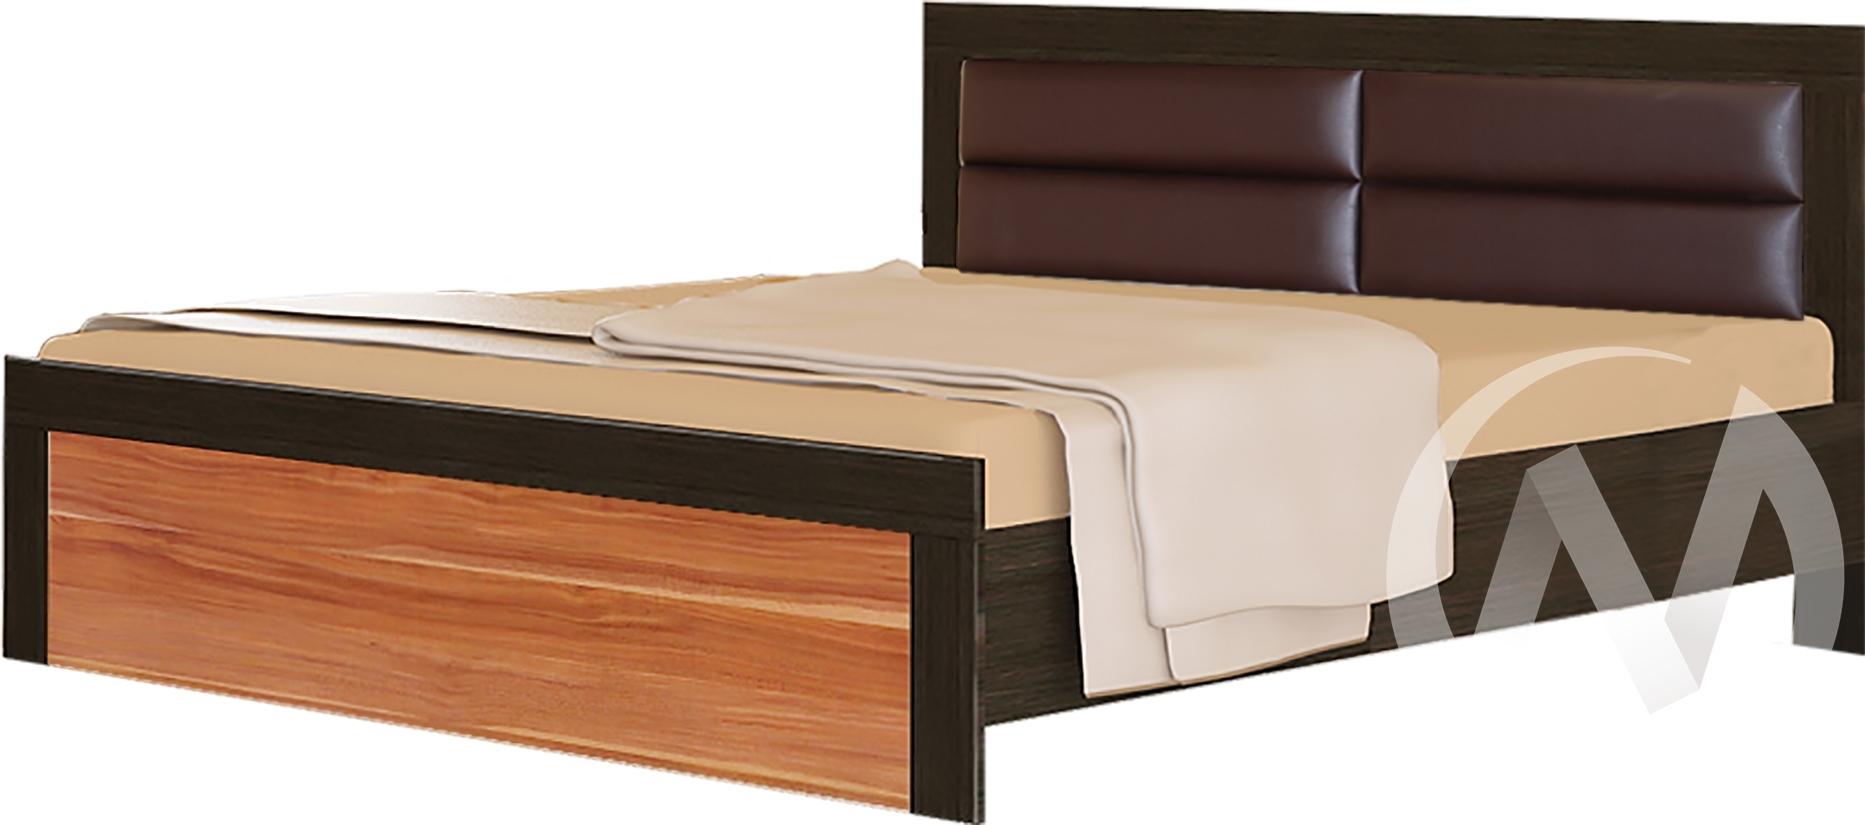 Токио Кровать № 2 1,6 (венге-слива валлис)